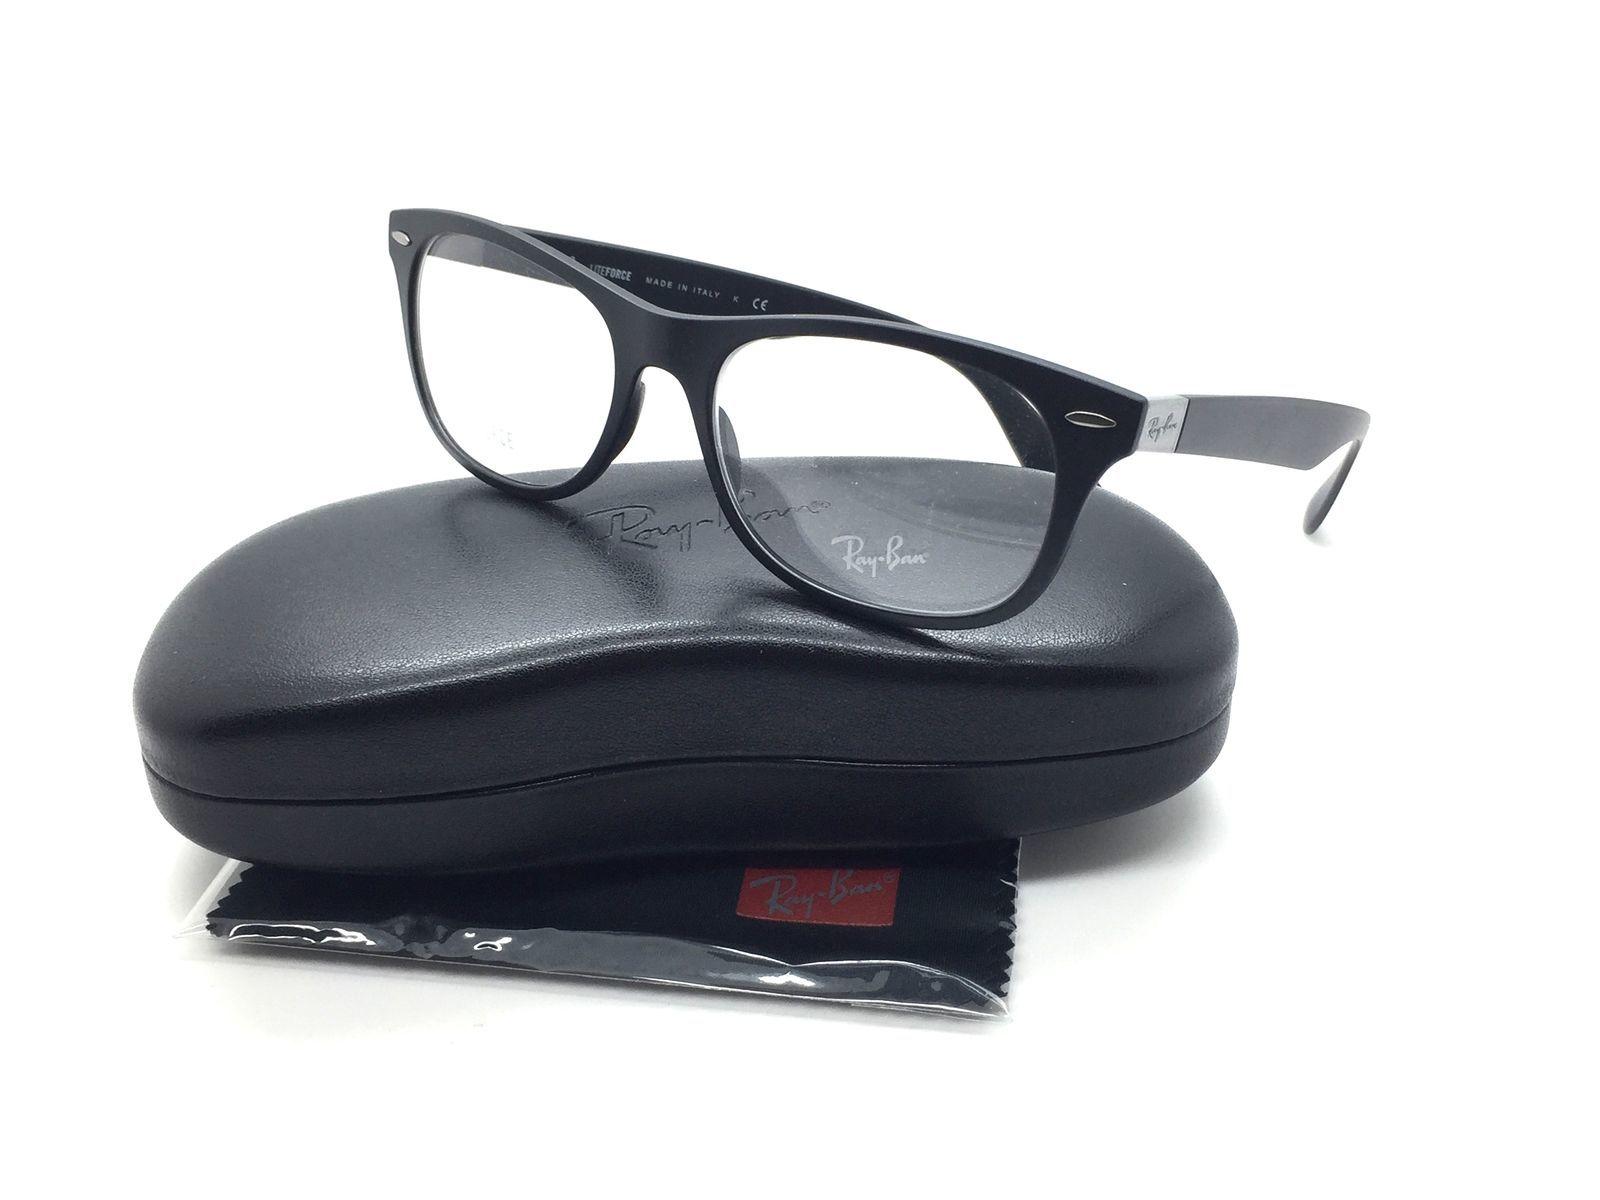 51ef25805a S l1600. S l1600. Ray Ban Unisex Schwarz Quadratisch Neu Brille Liteforce RB  7032 5204 52 Plastik